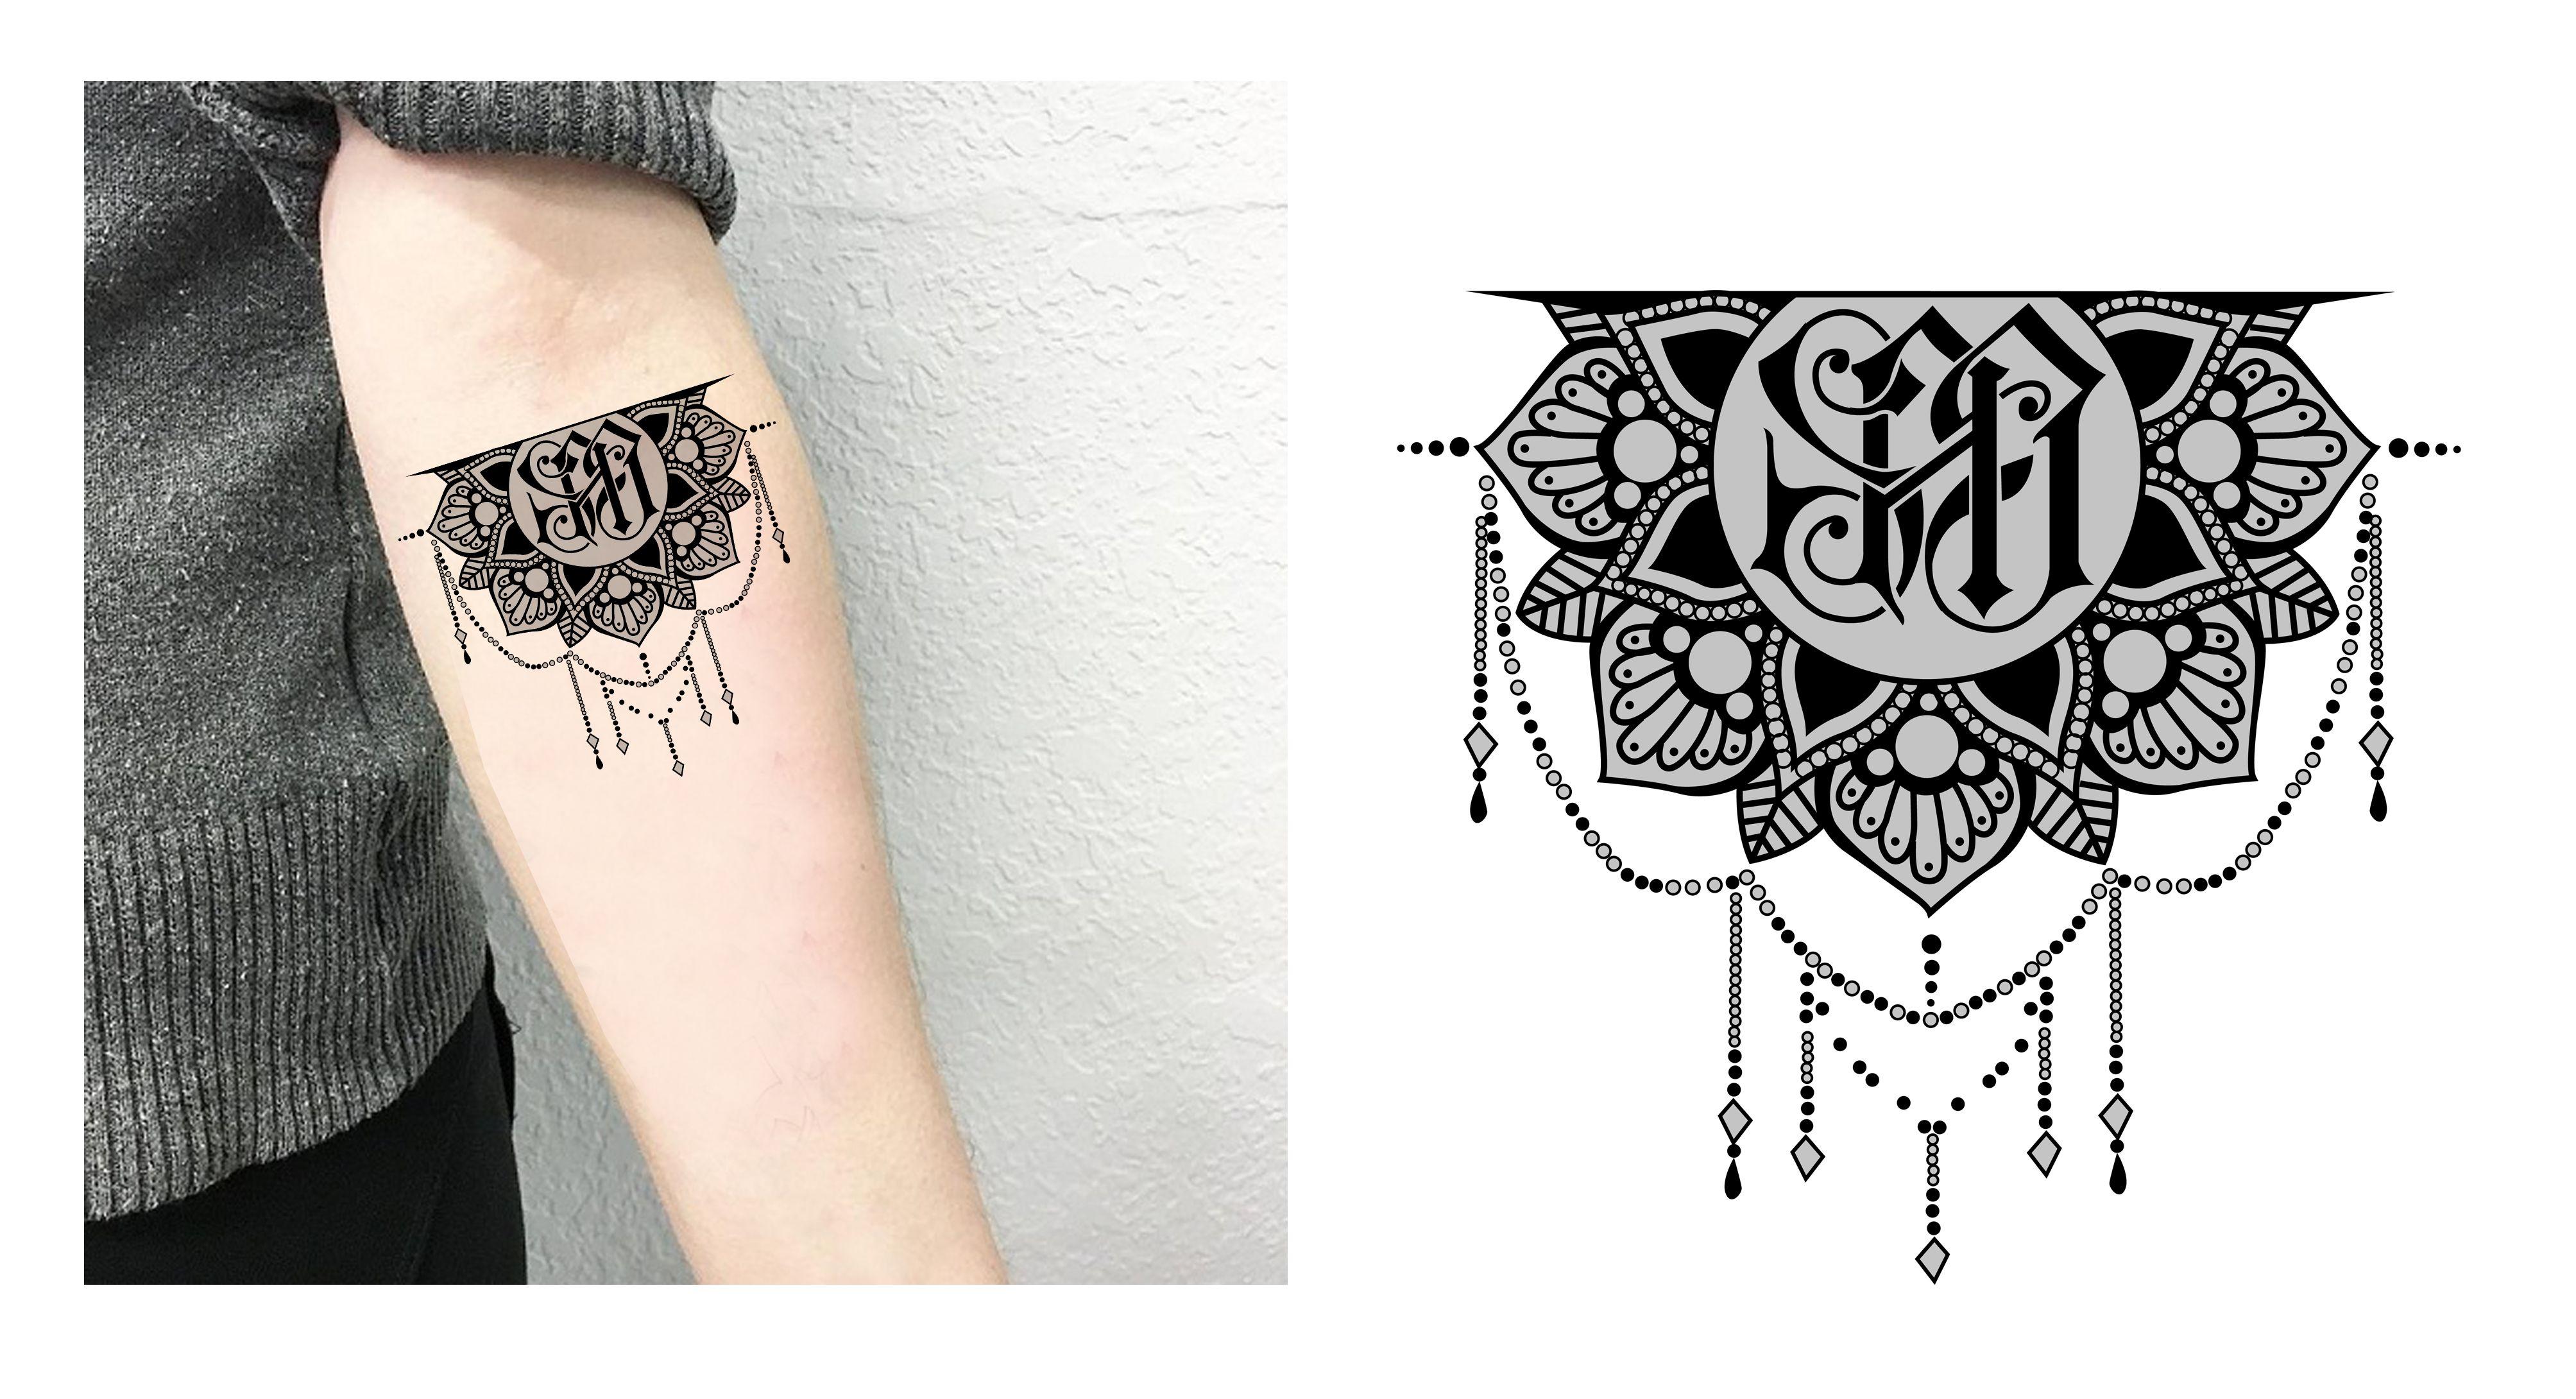 Mandala Initials Forearm Feminine Monogram Tattoo Design Designer Andrija Protic Monogram Tattoo Feminine Monogram Unique Tattoos For Women